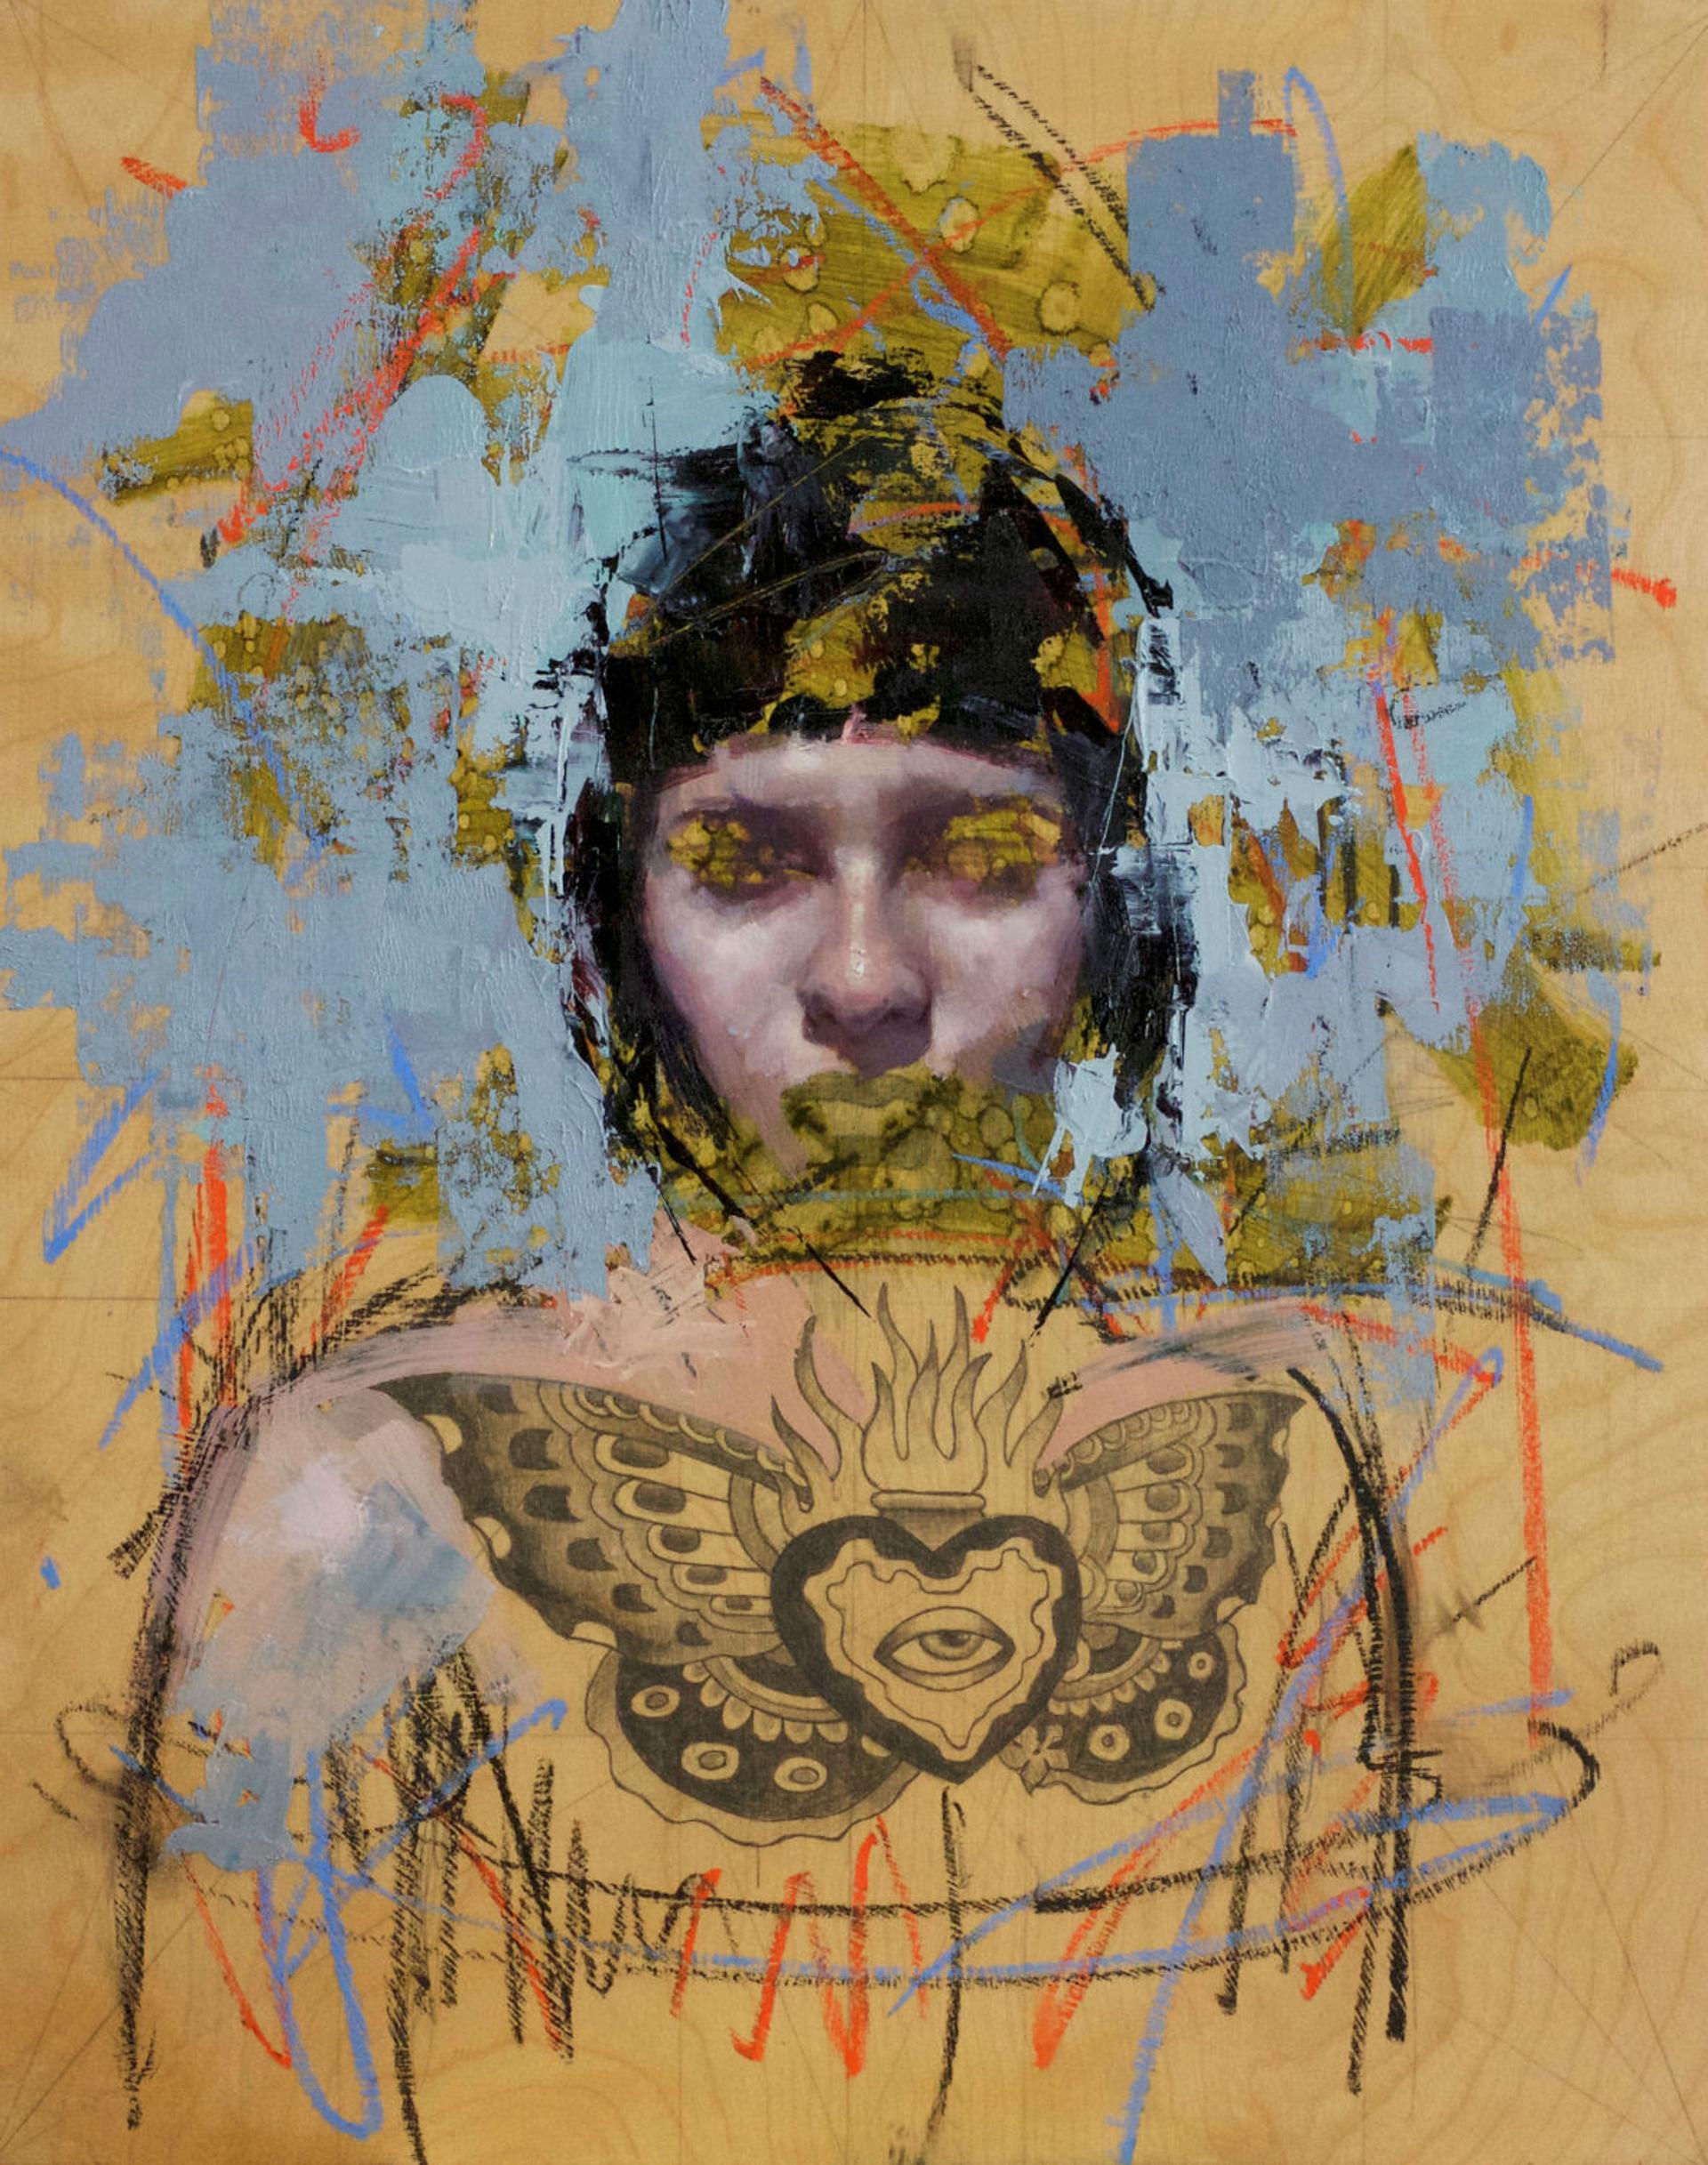 Imprint 82 by John Wentz